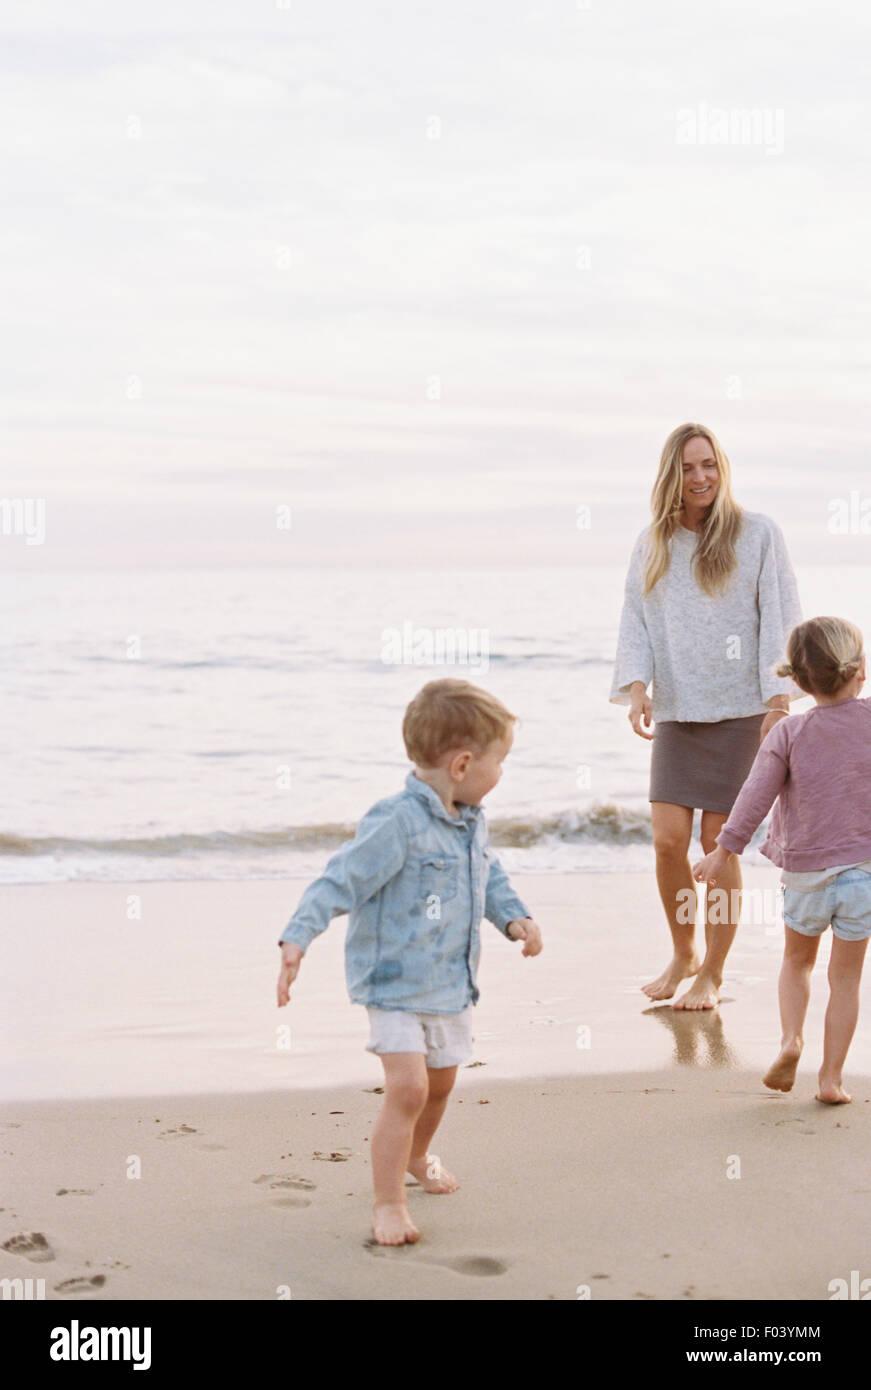 Femme jouant avec son fils et sa fille sur une plage de sable fin à l'océan. Banque D'Images